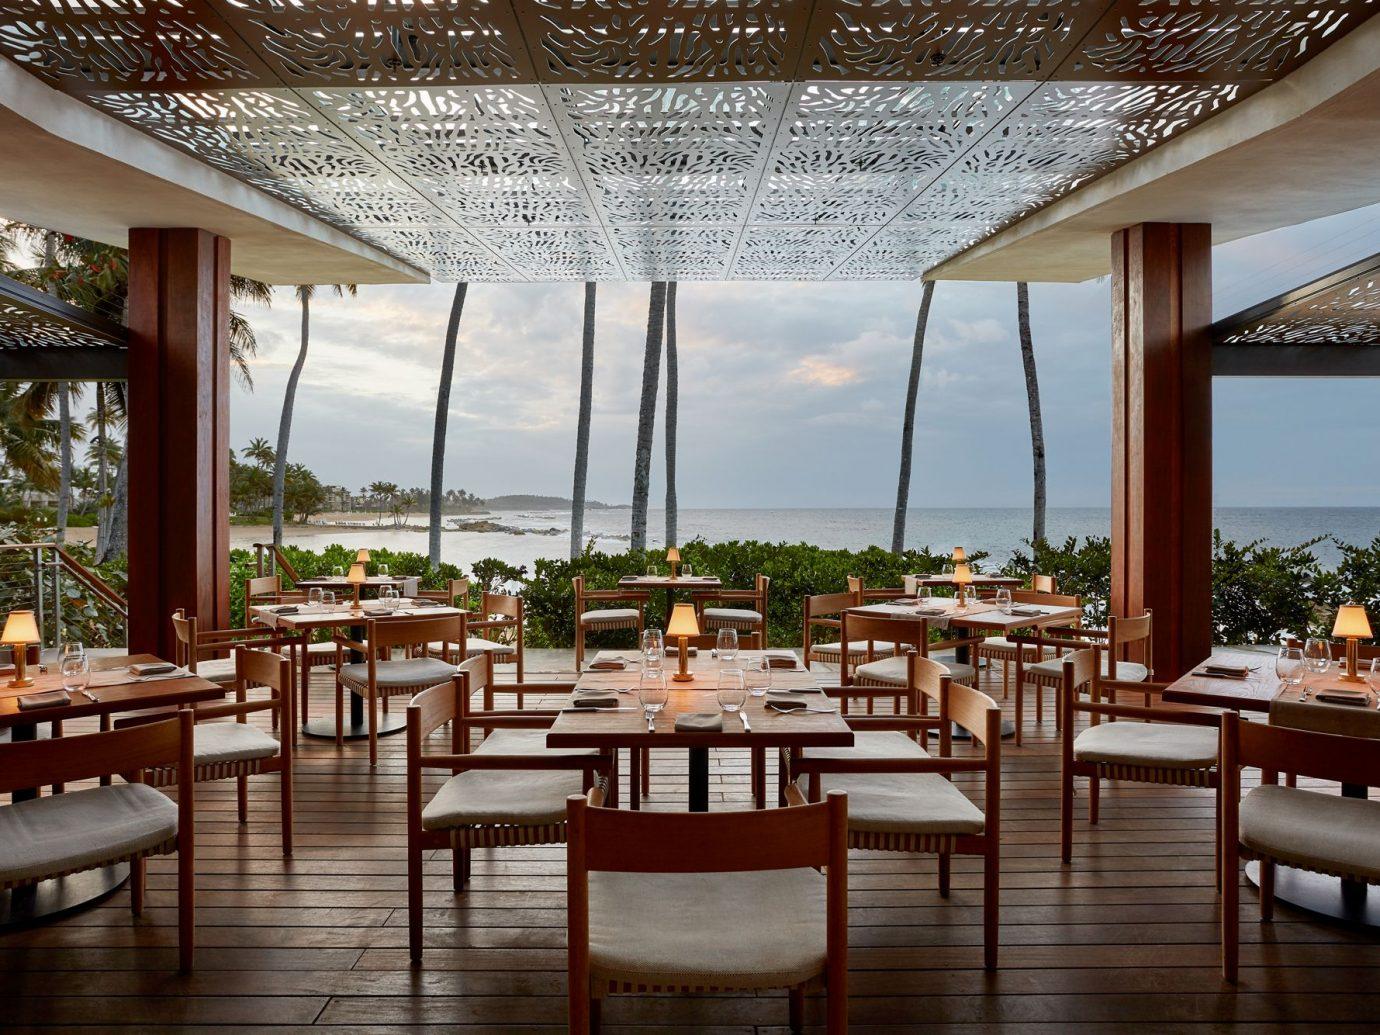 Restaurant at Dorado Beach